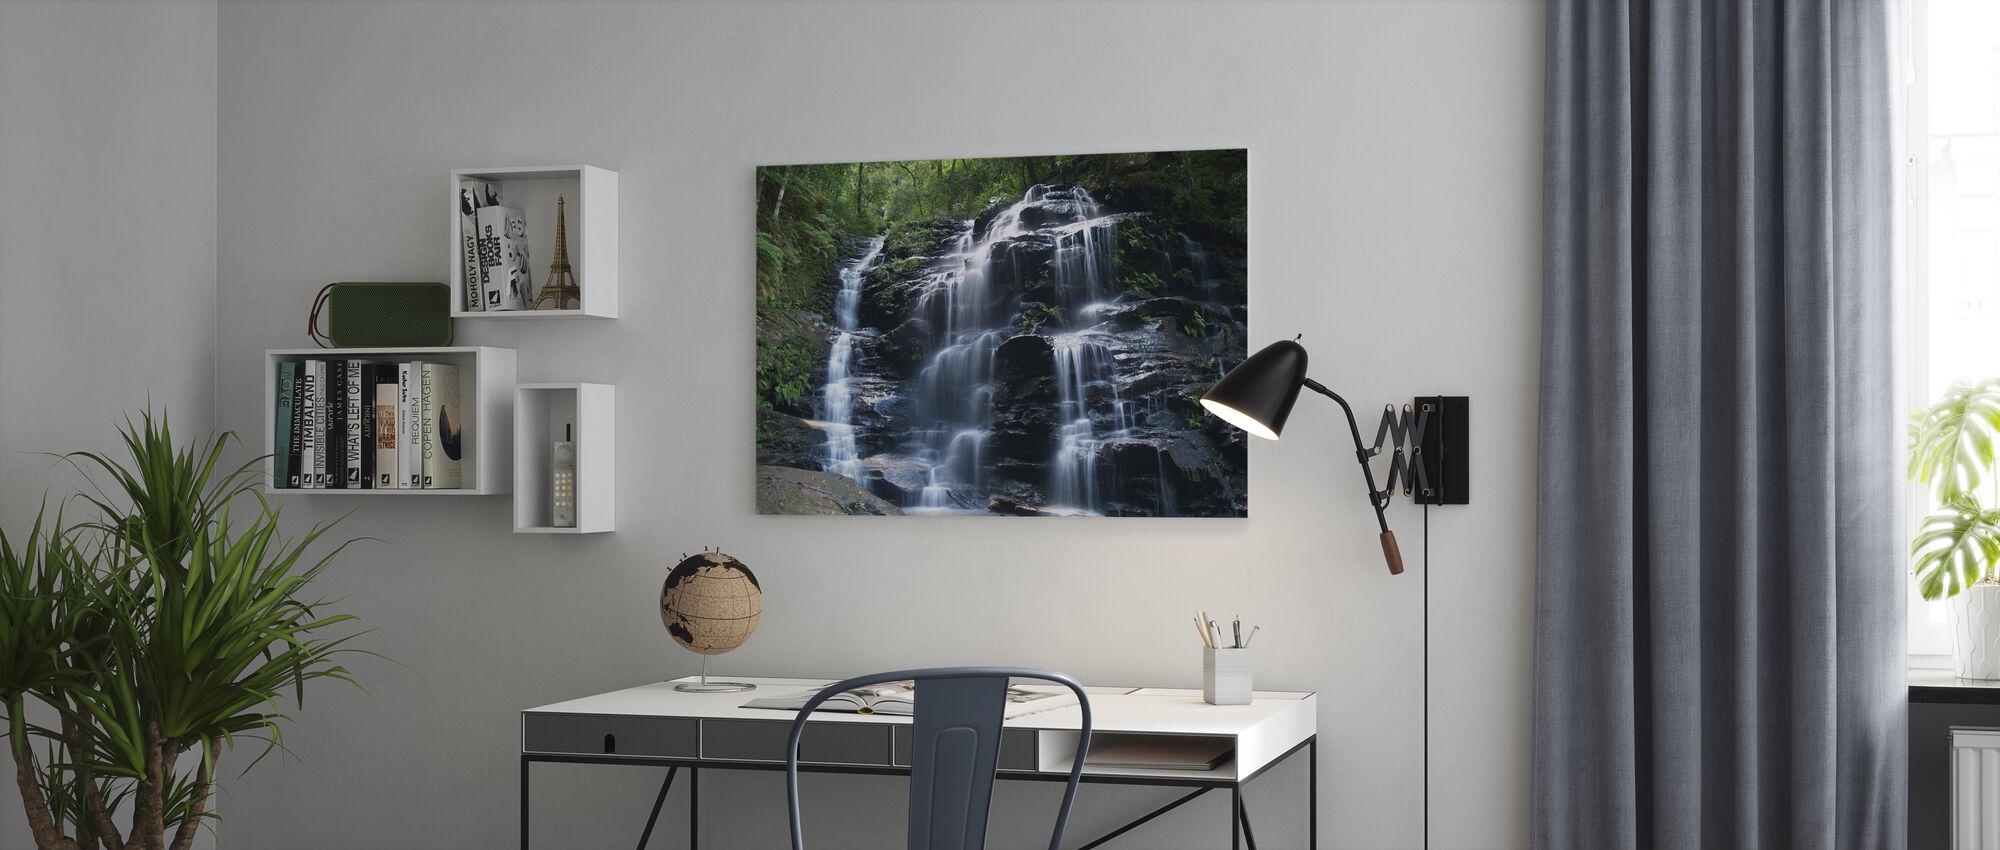 Amazonin vesiputous - Canvastaulu - Toimisto